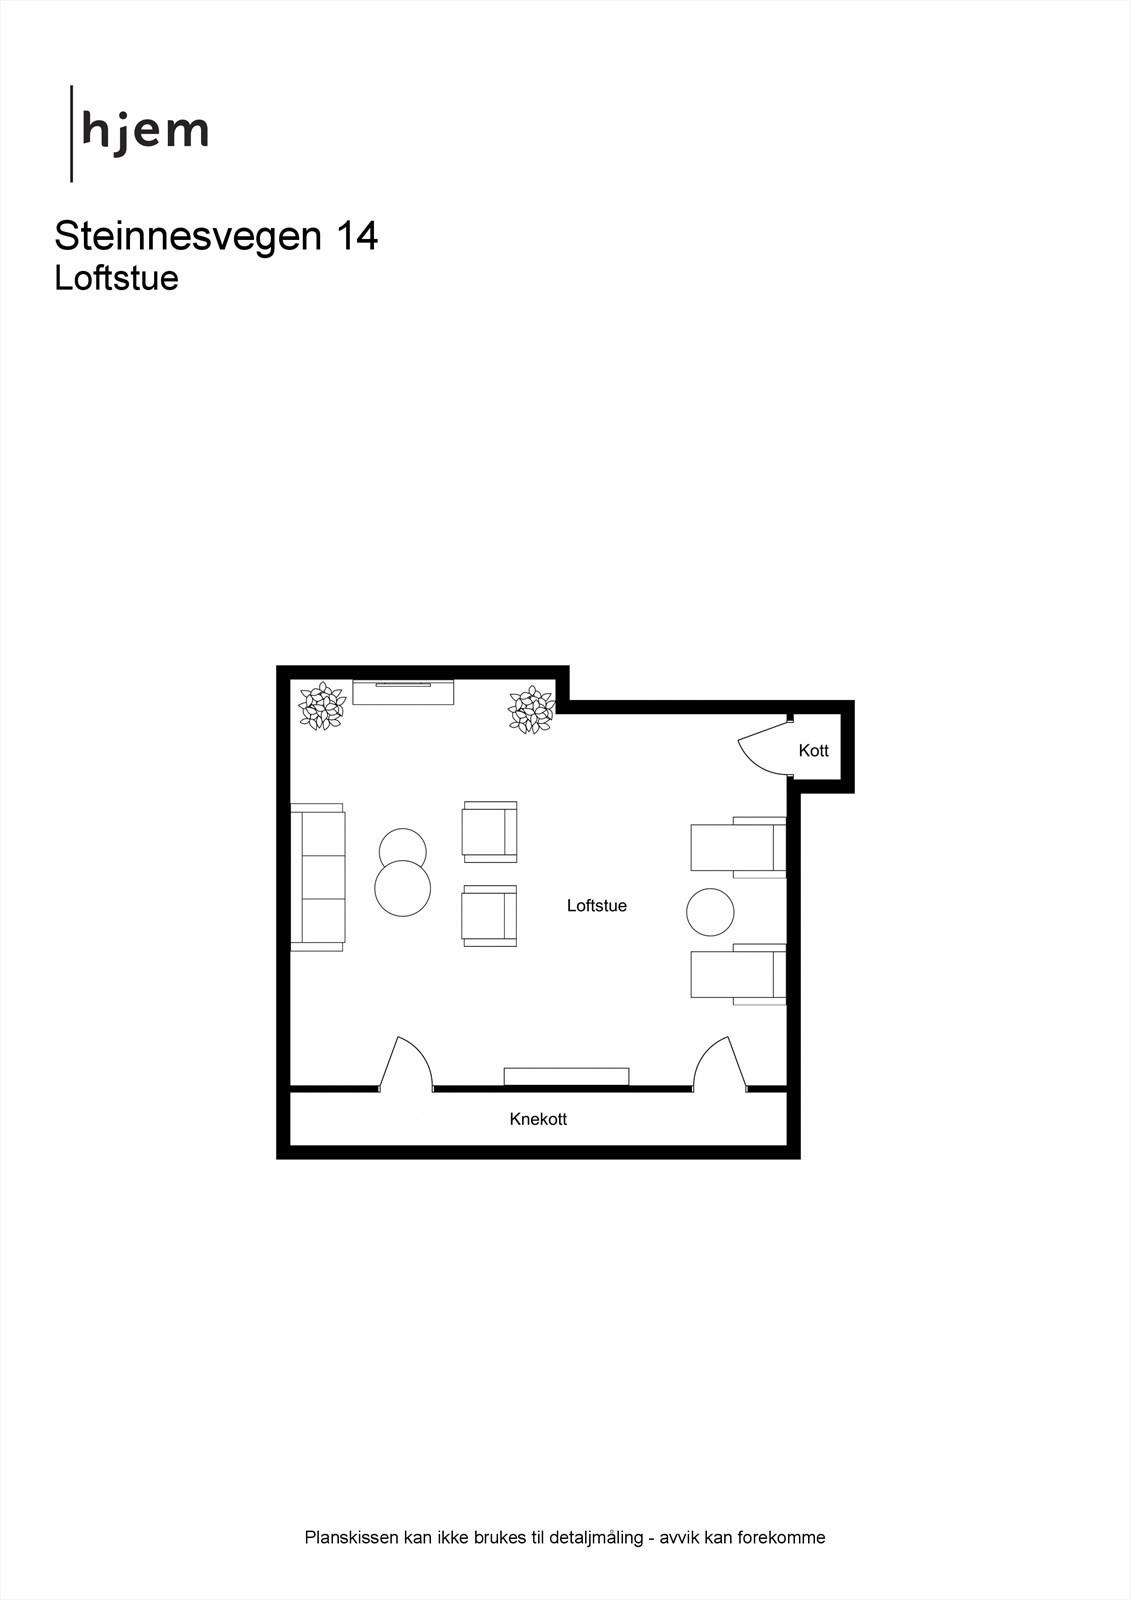 Steinnesvegen 14 - 2D - Loftstue.